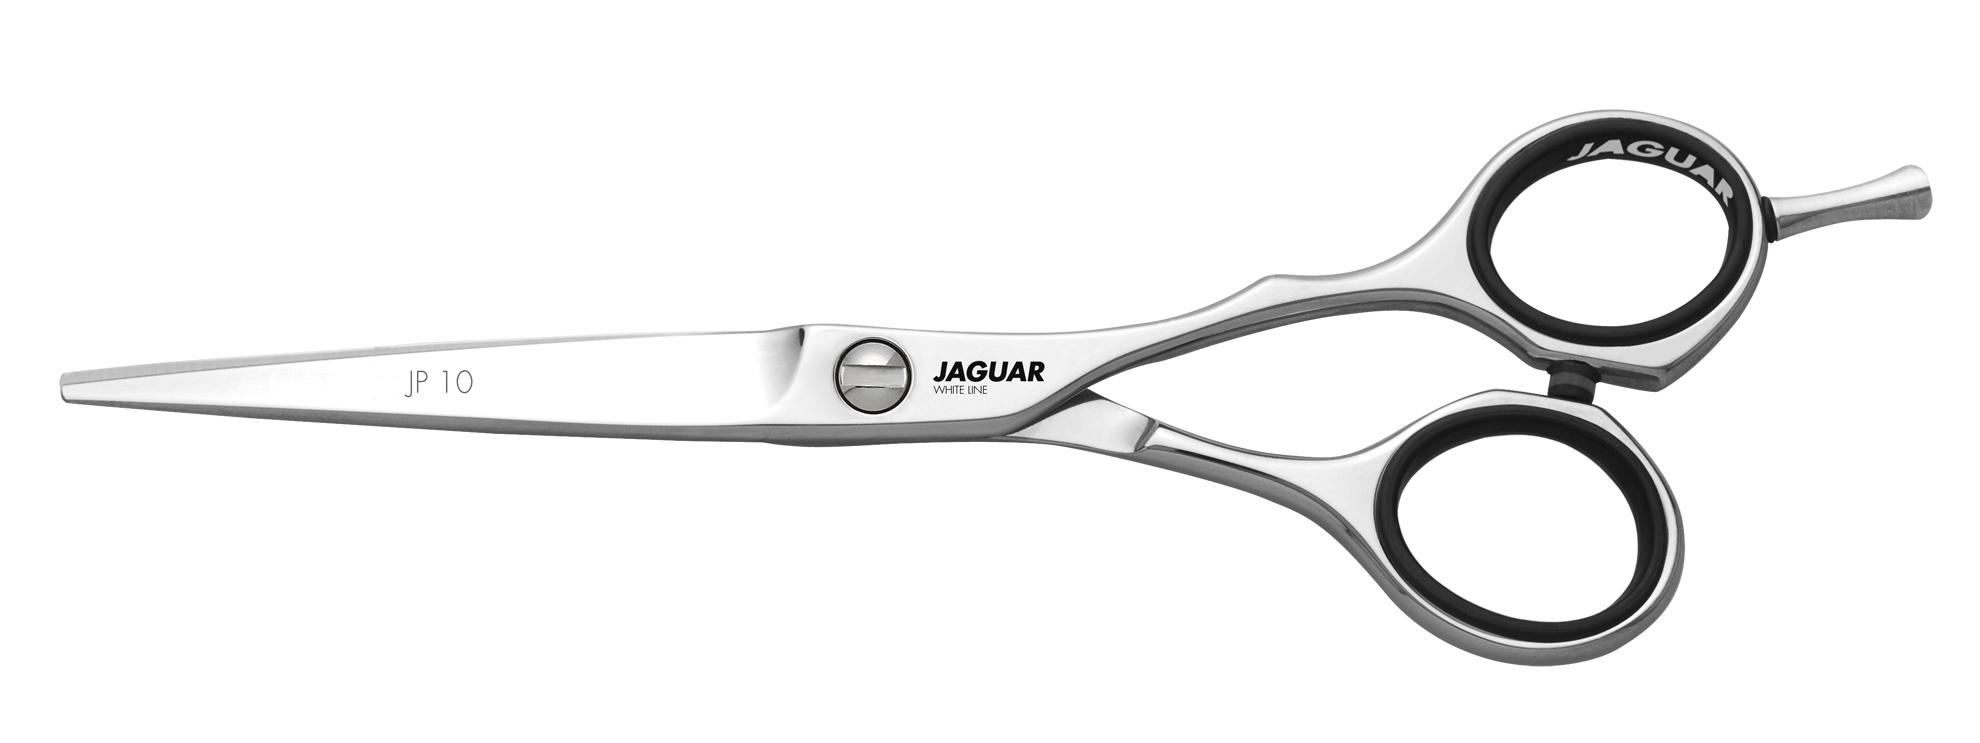 JAGUAR Ножницы A JP10 5.75' **